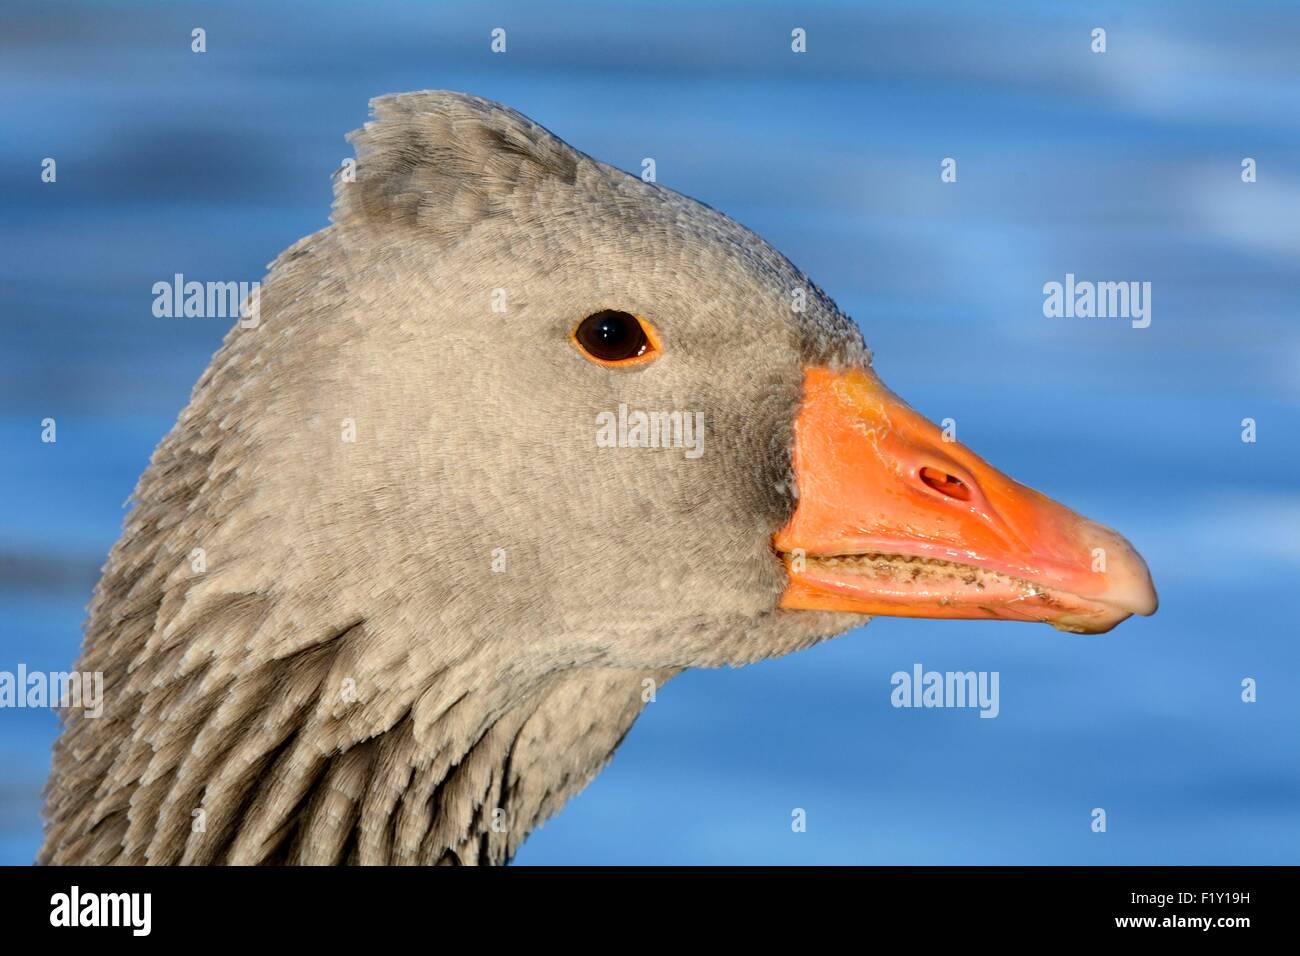 France, Doubs, Greylag Goose (Anser anser), portrait Stock Photo